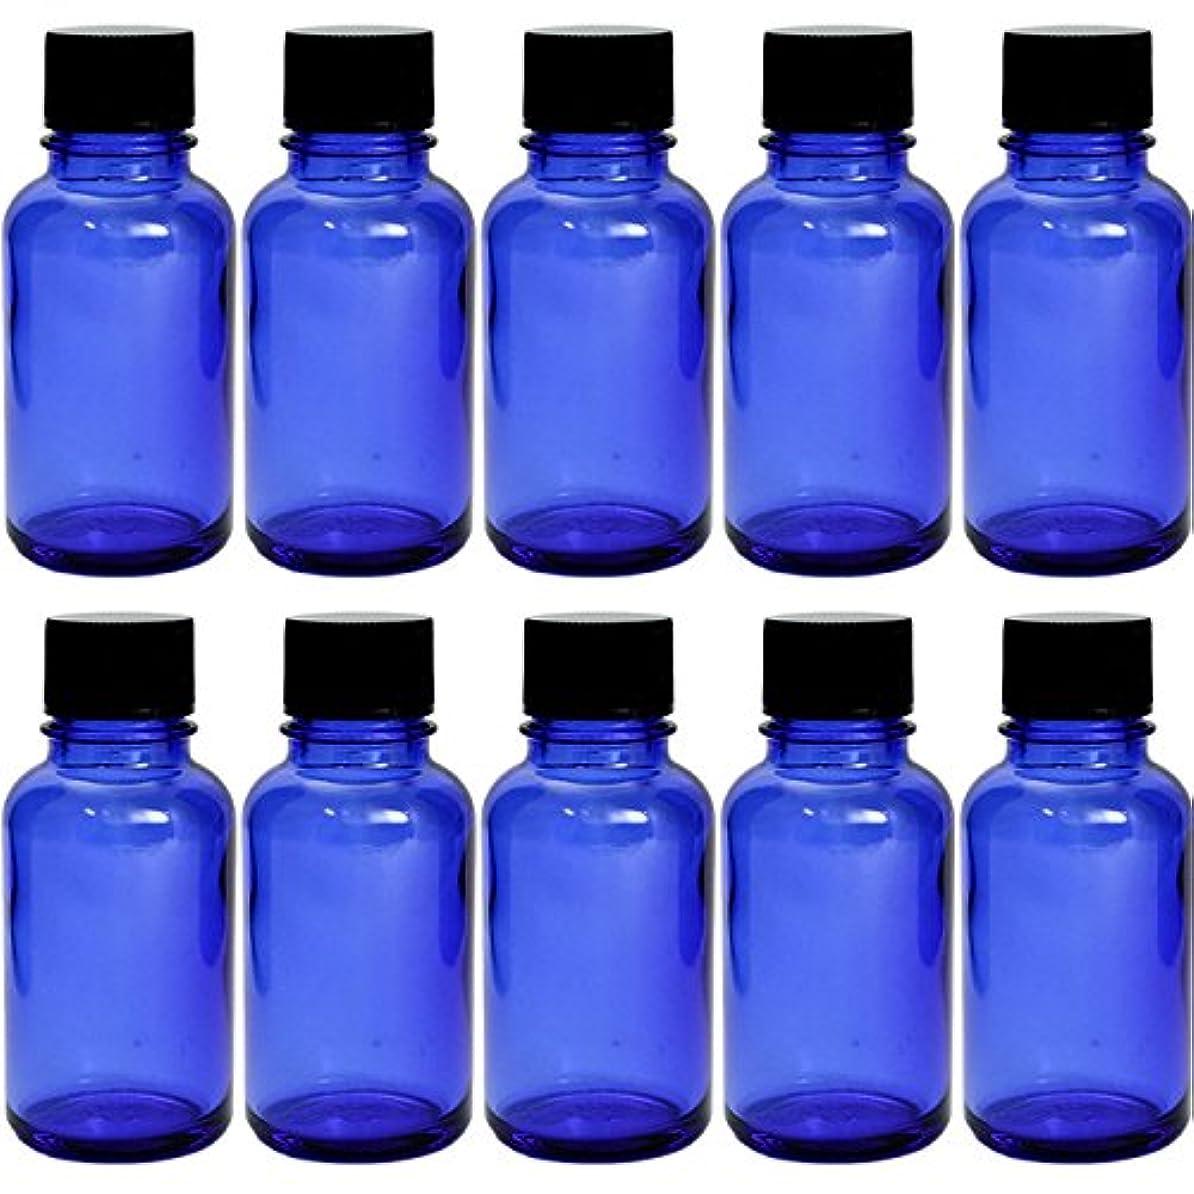 促すくるみ納屋遮光瓶 ブルー 30cc SYA-B30cc -10本セット- (黒CAP 穴なし中栓付)